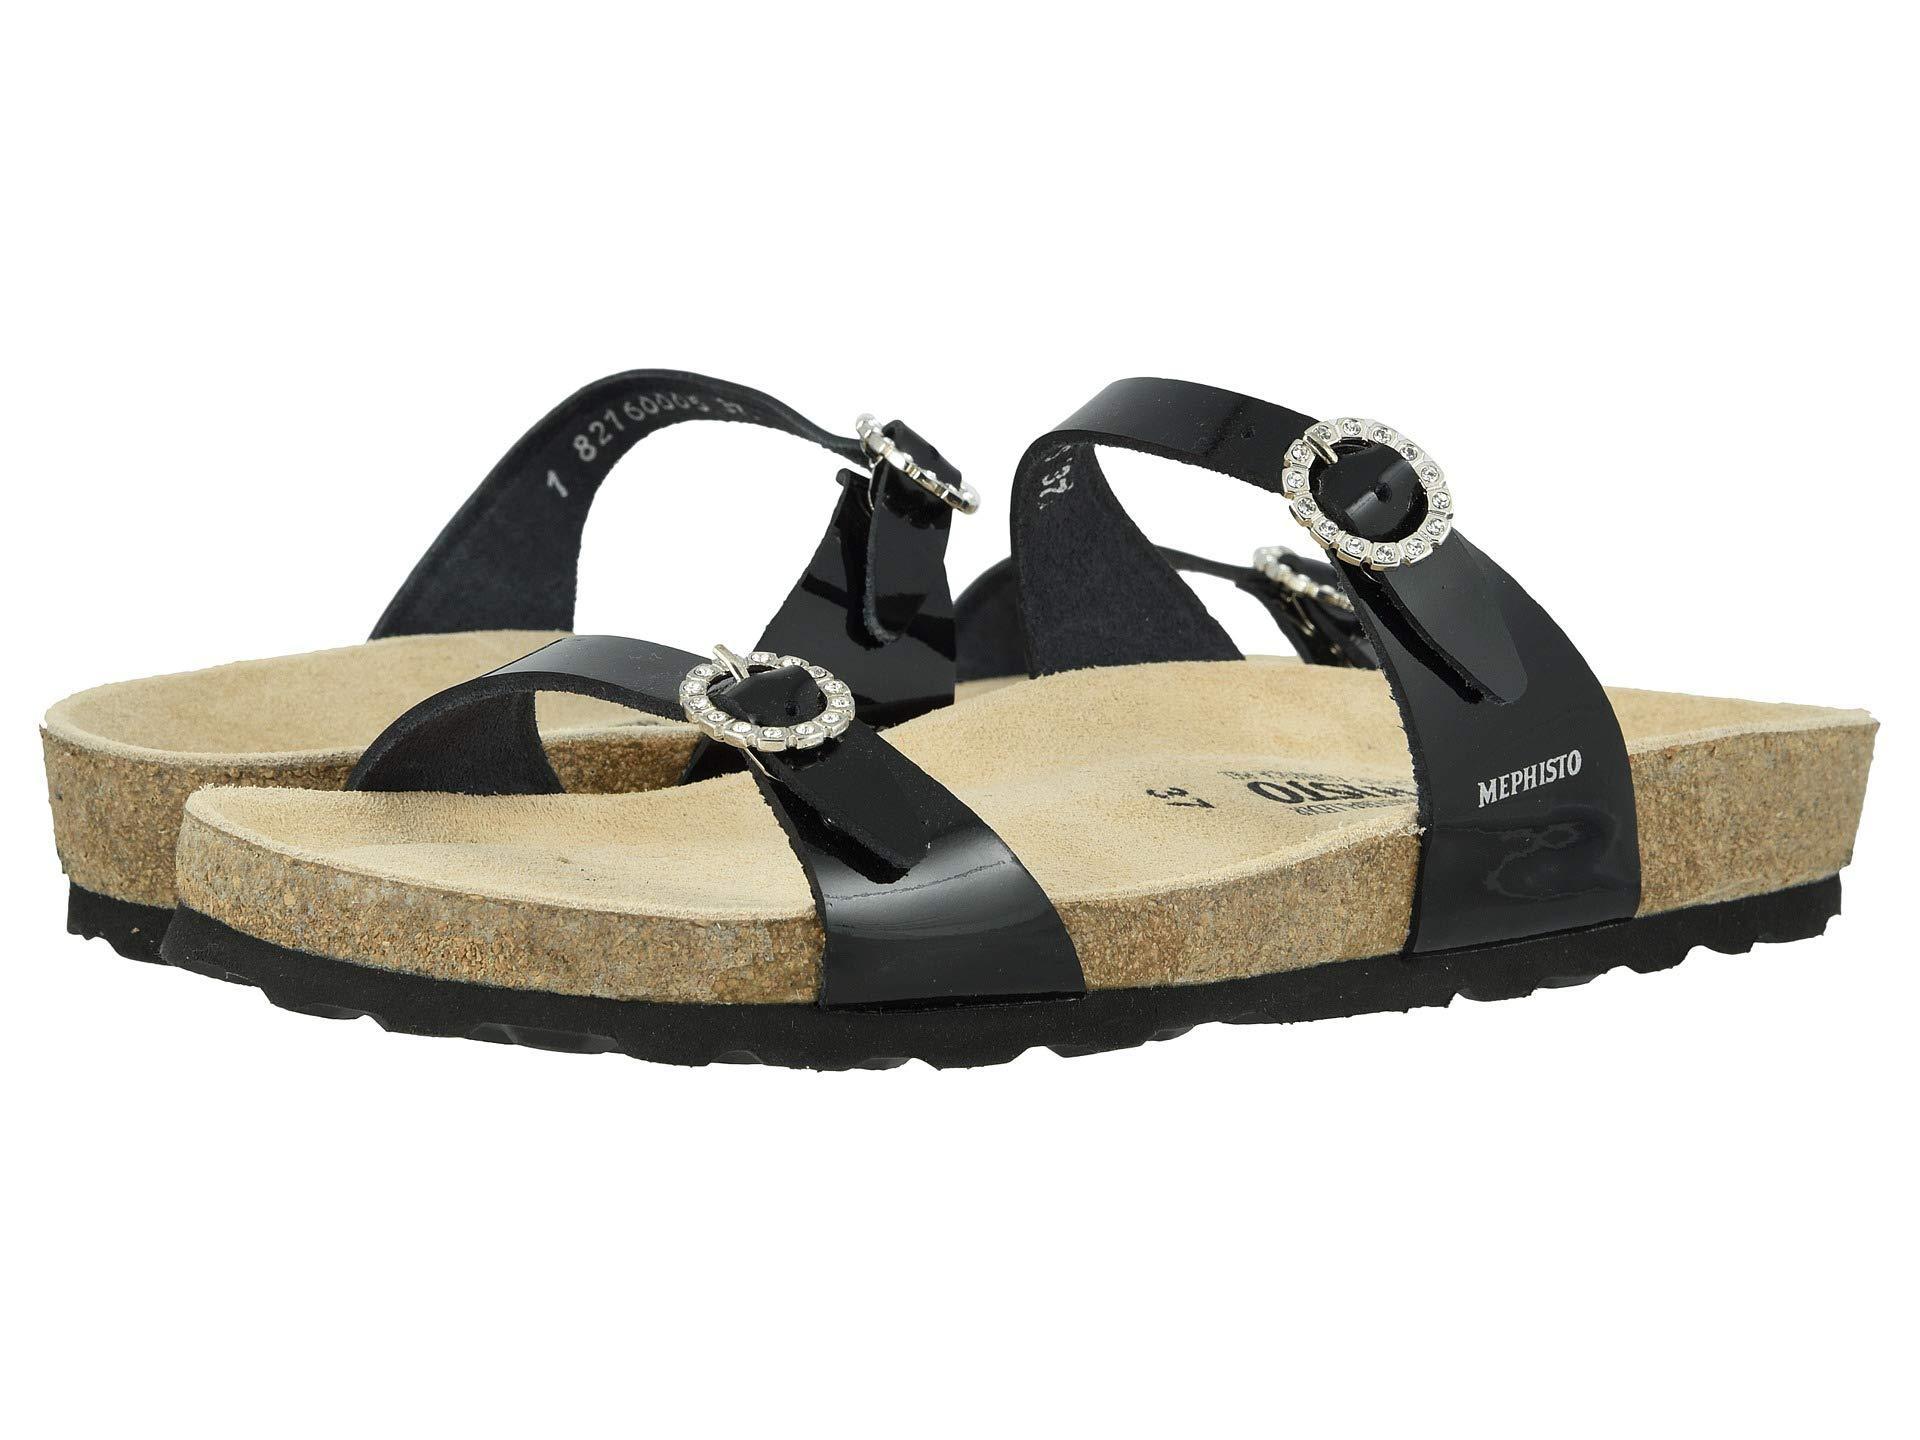 0e4e3c44d6 Mephisto Norie (silver Fiori) Women's Sandals in Black - Lyst